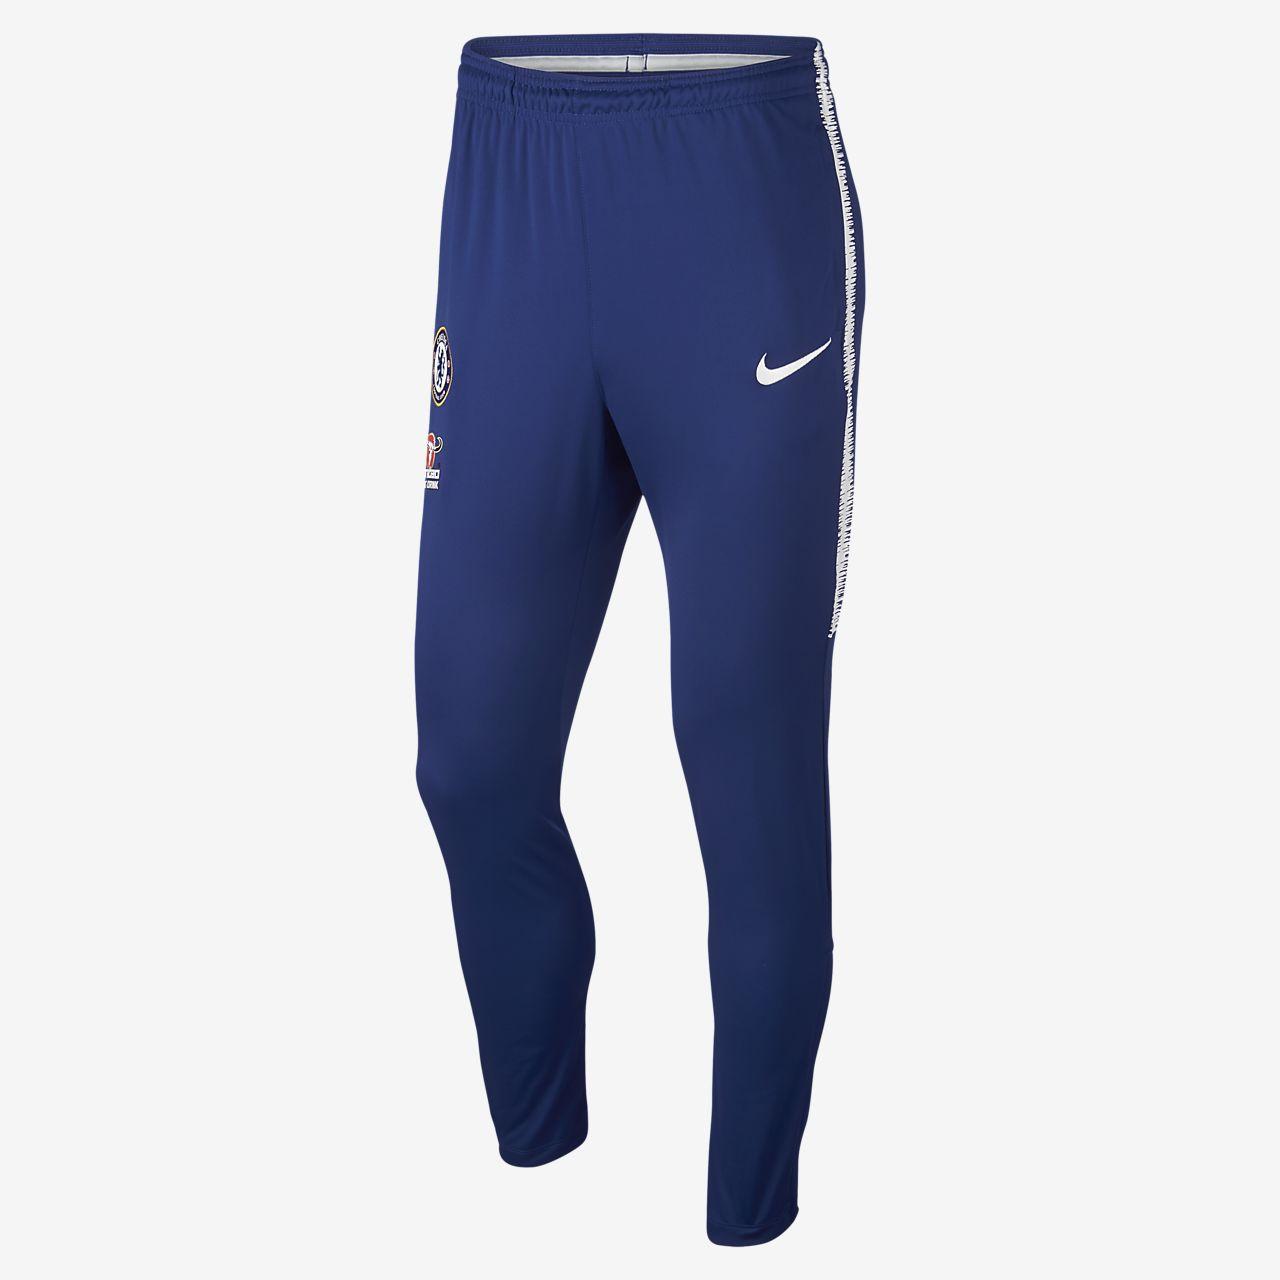 0dfc127651 Calças de treino de futebol Chelsea FC Dri-FIT Squad para homem ...